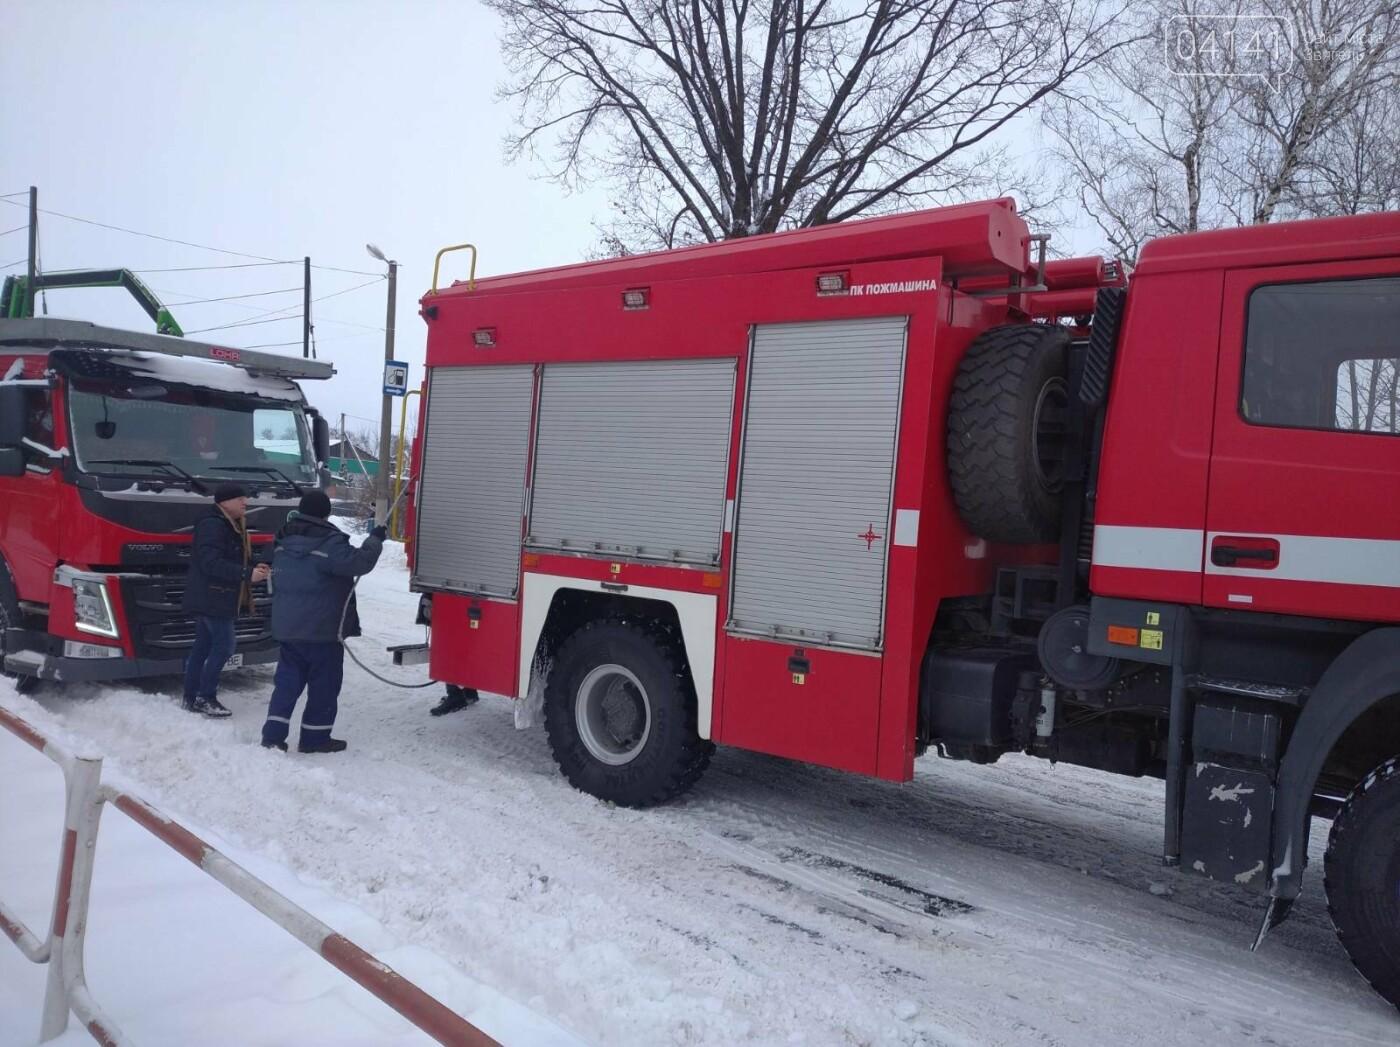 Новоградські рятувальники допомагають водіям вибратися зі снігового полону, фото-2